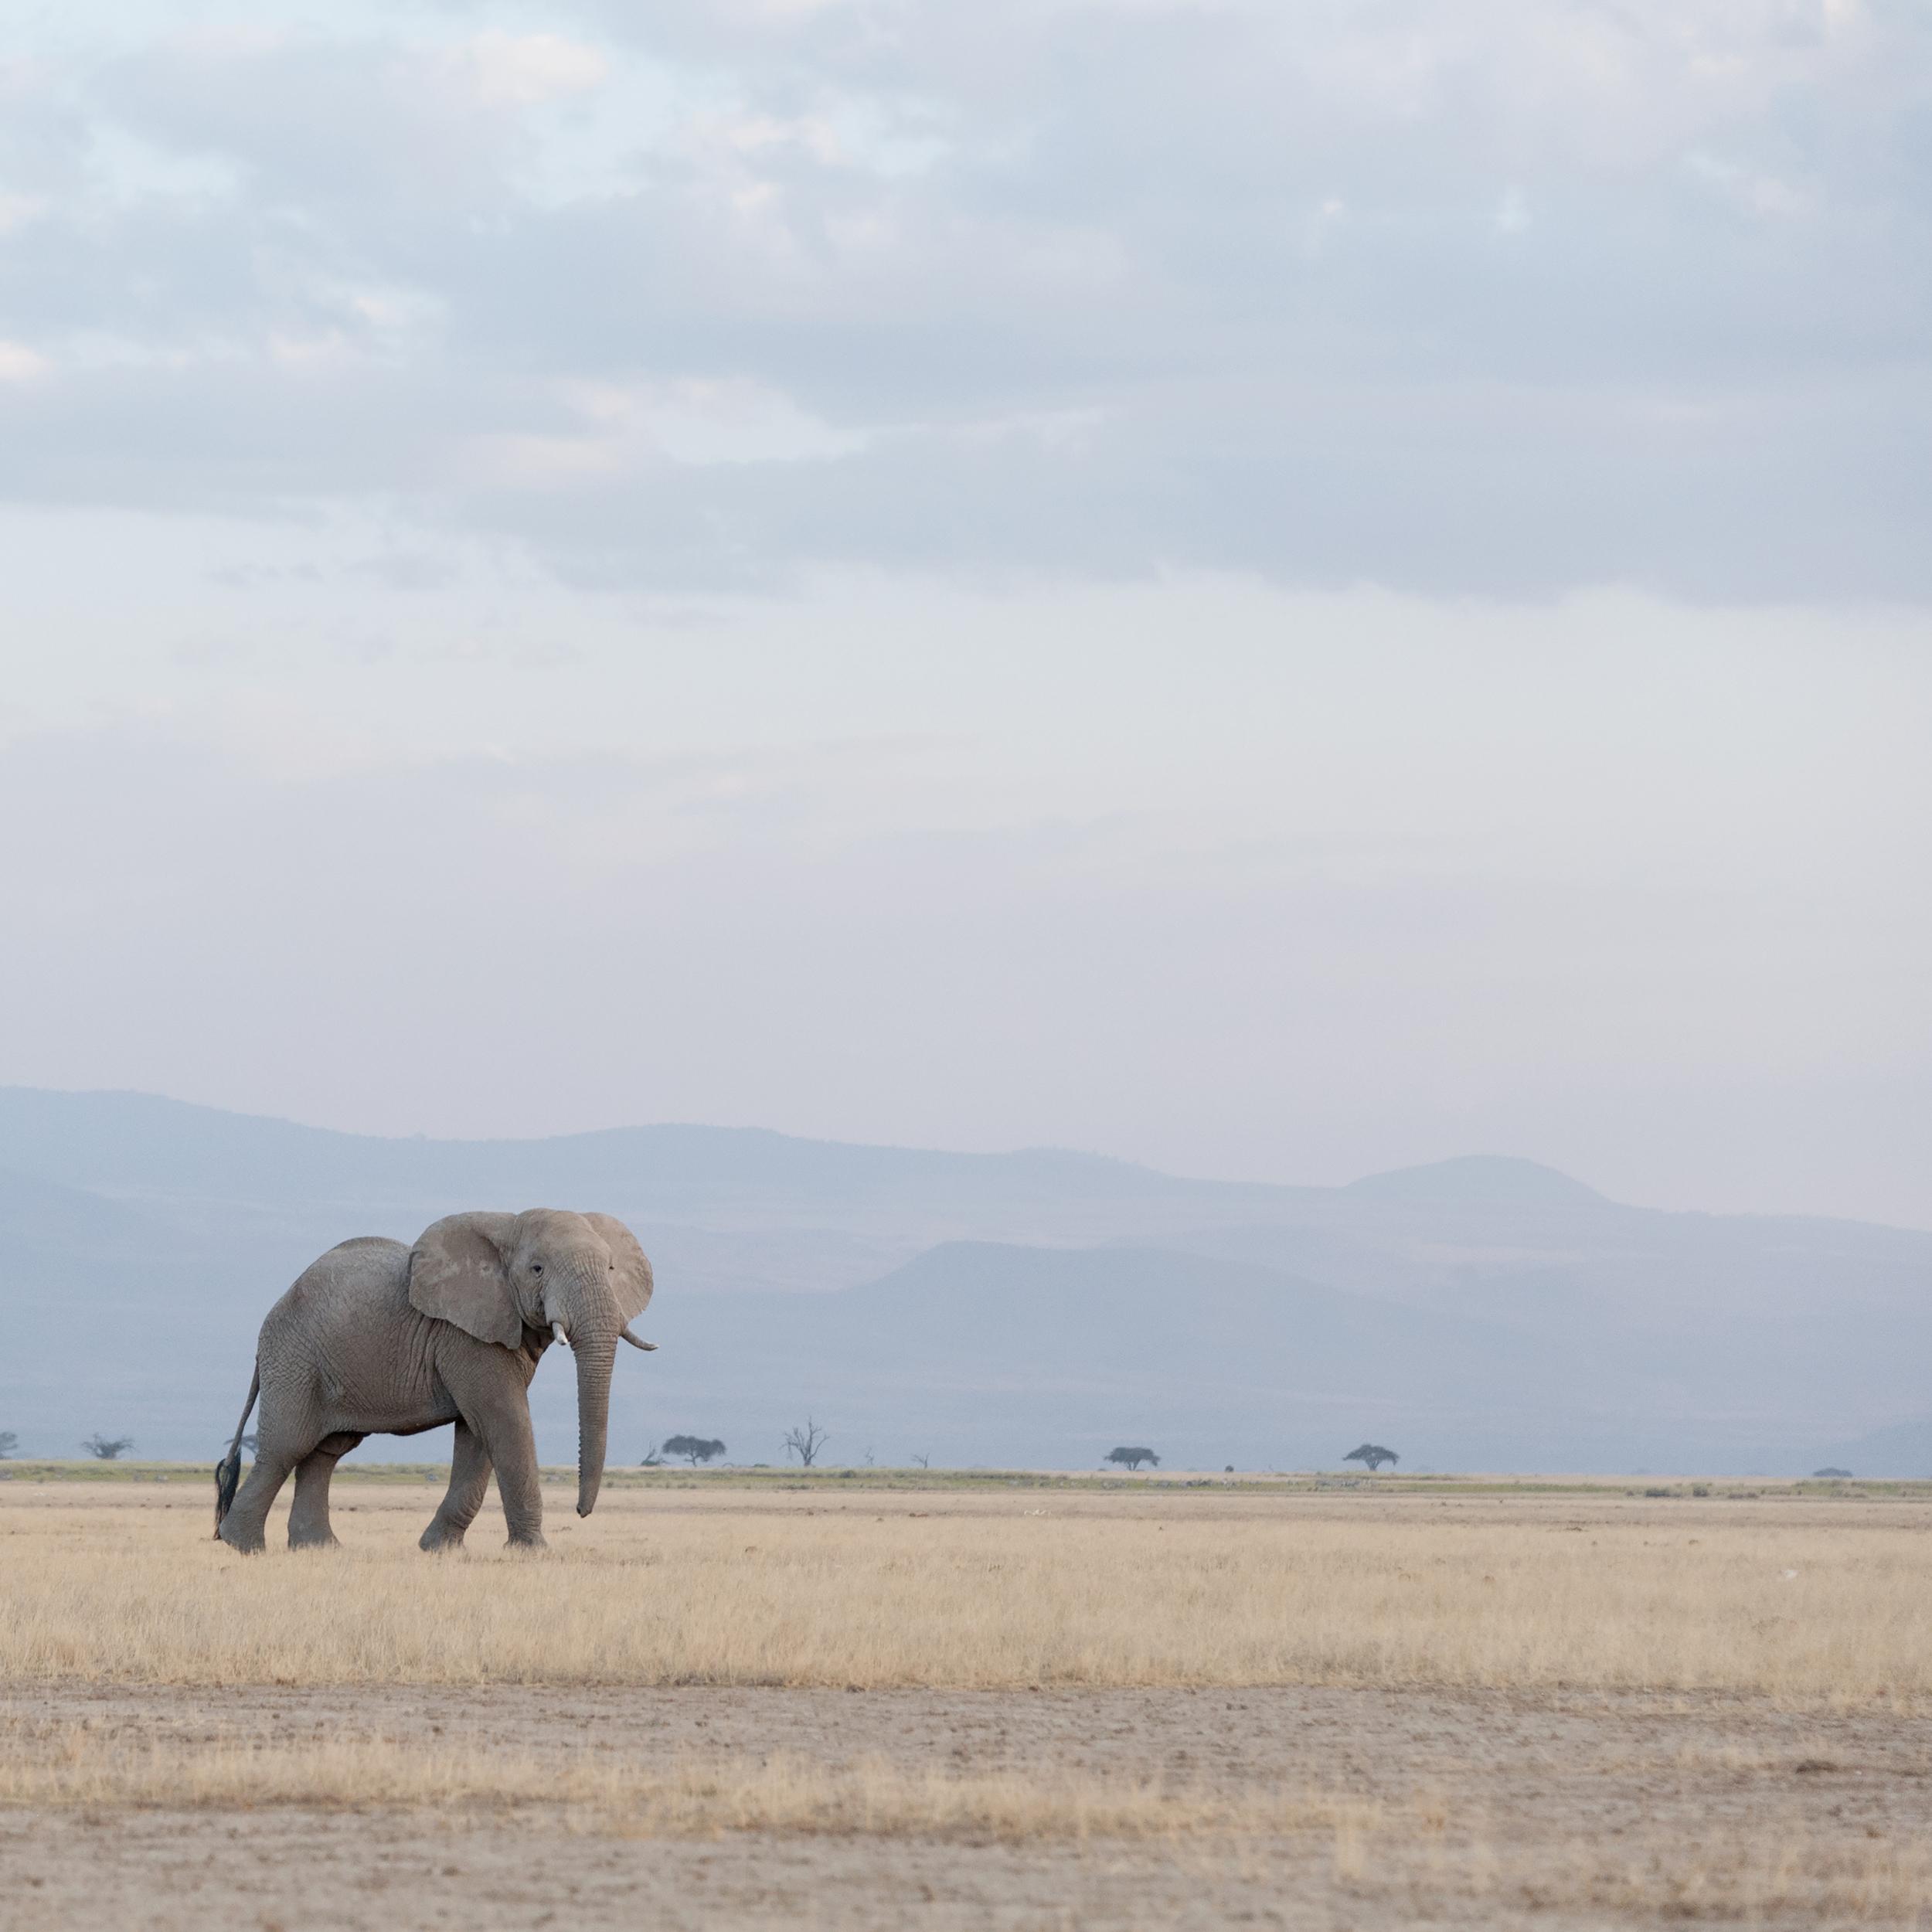 Elephant at Dusk, Near Kilimanjaro,Amboseli, 2014